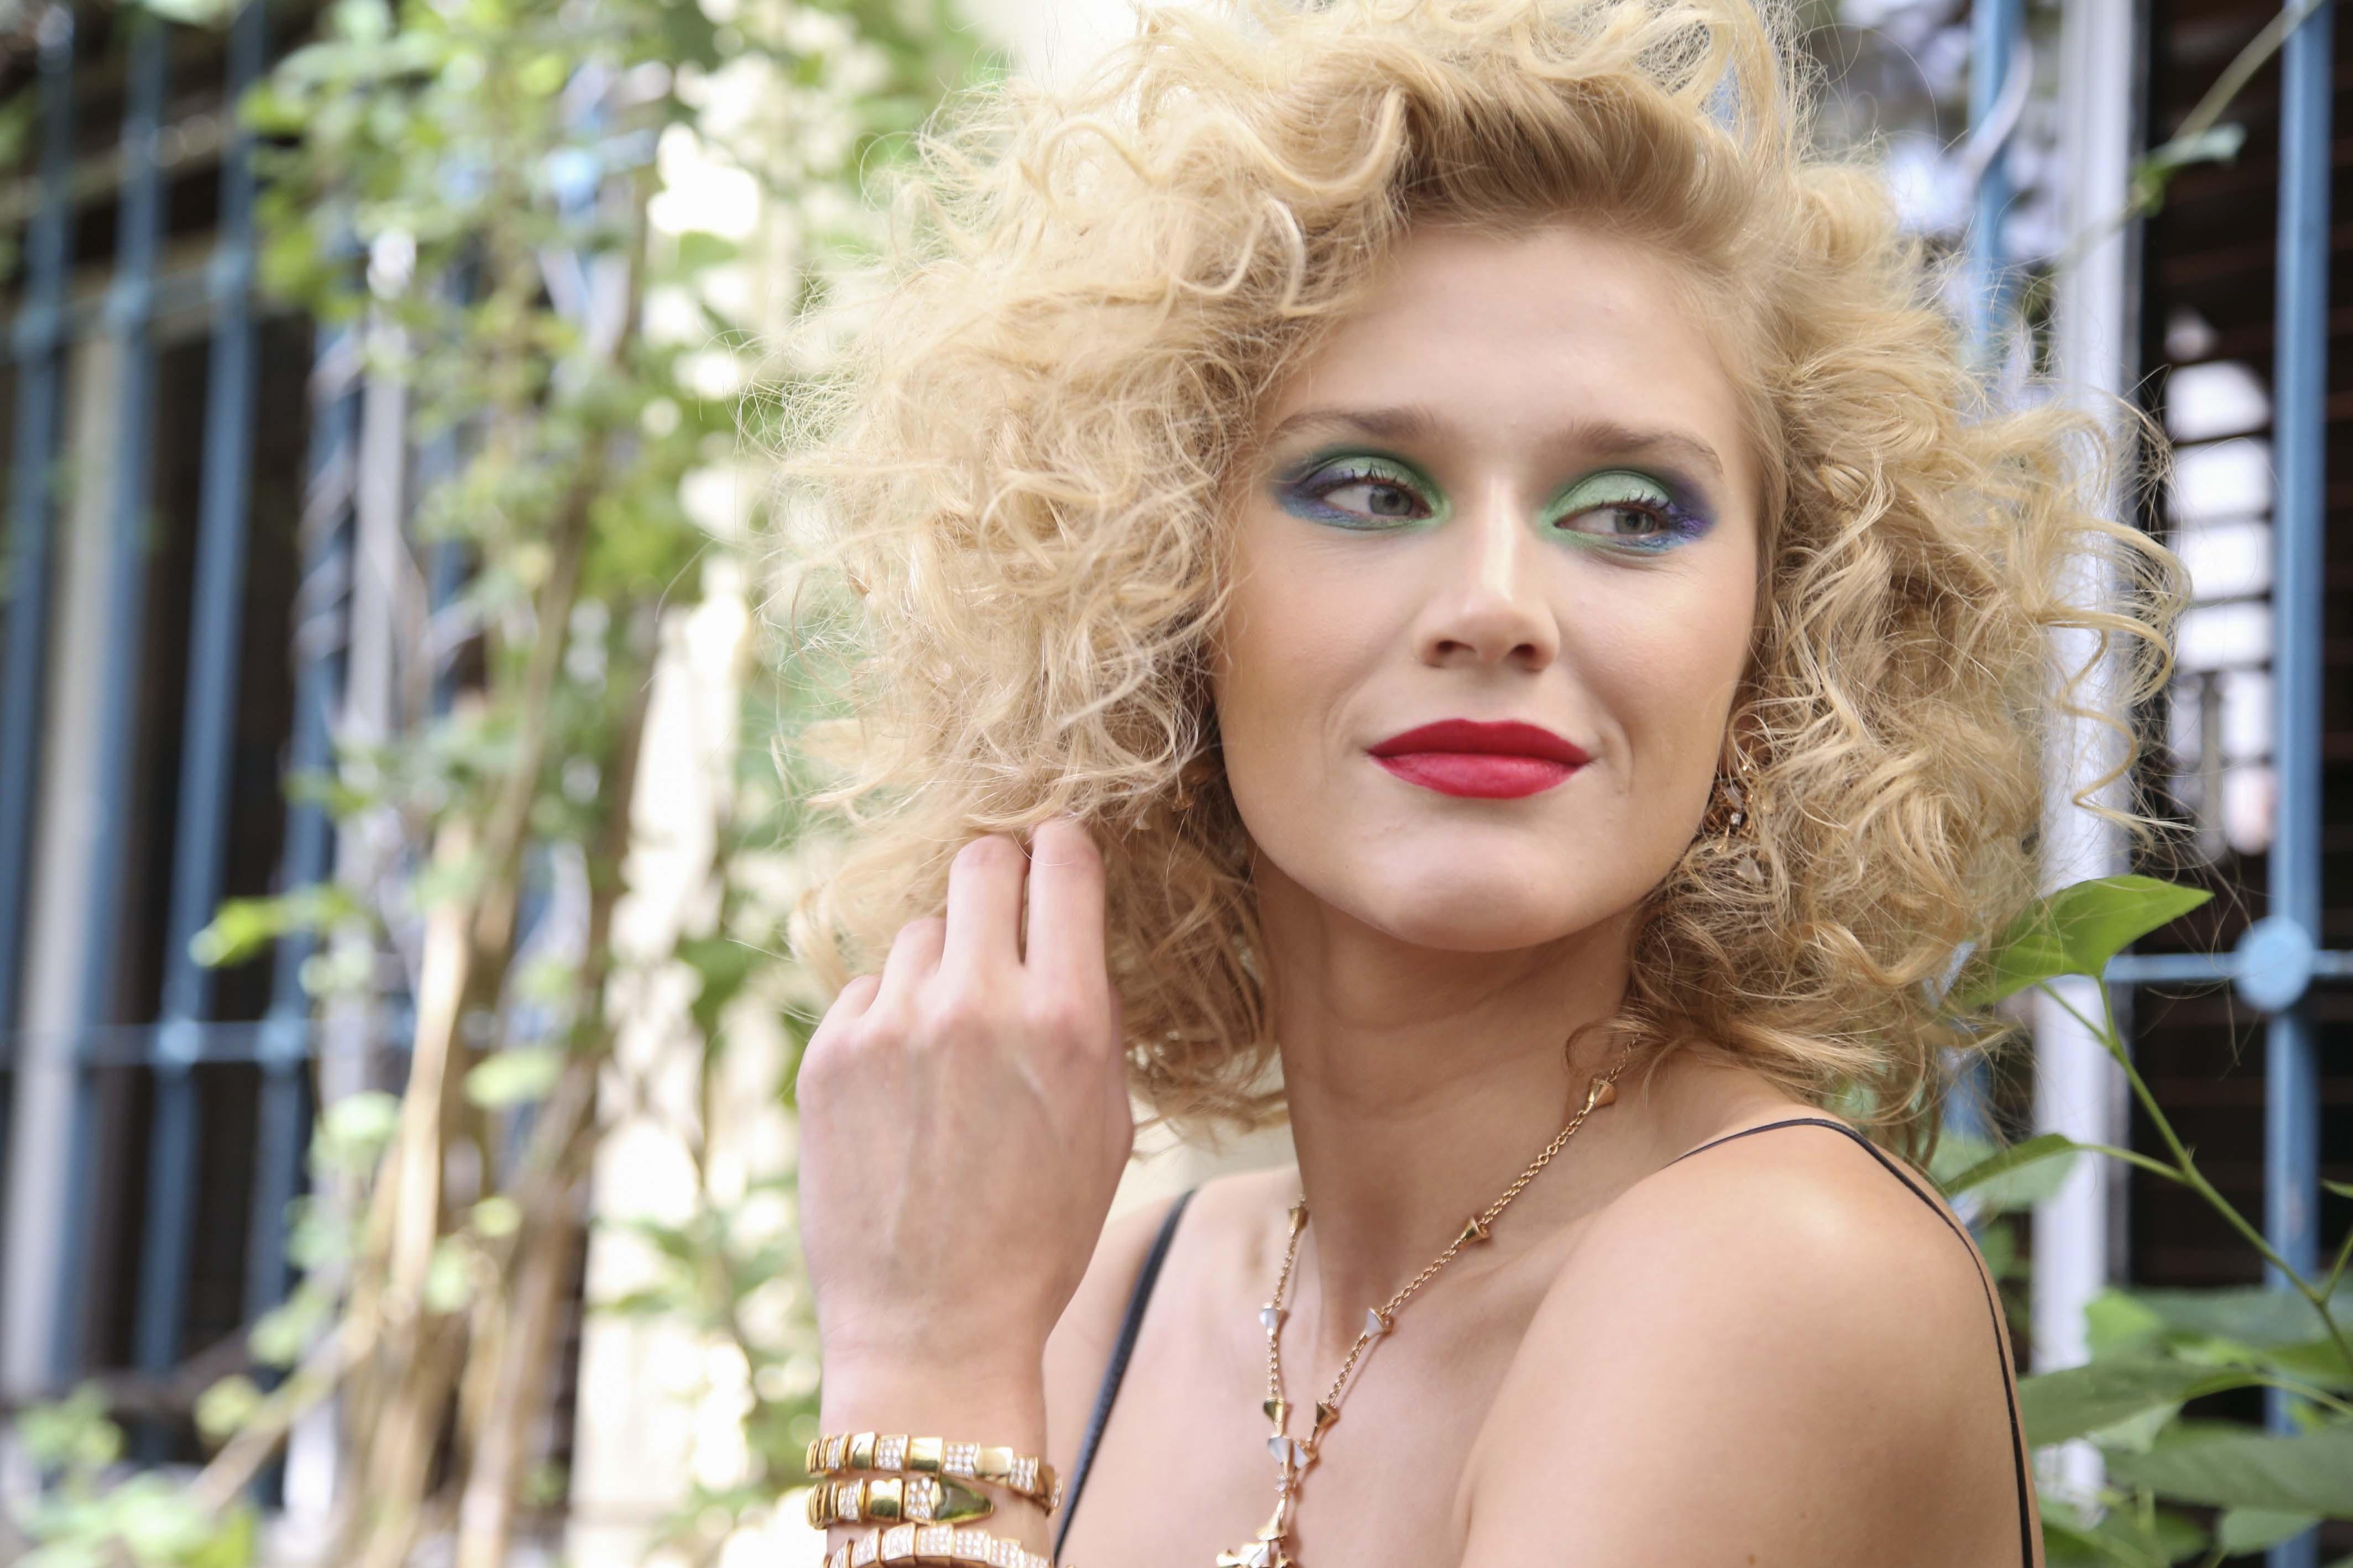 Coiffures blondes courtes : modèle avec des boucles inspirées des années 80